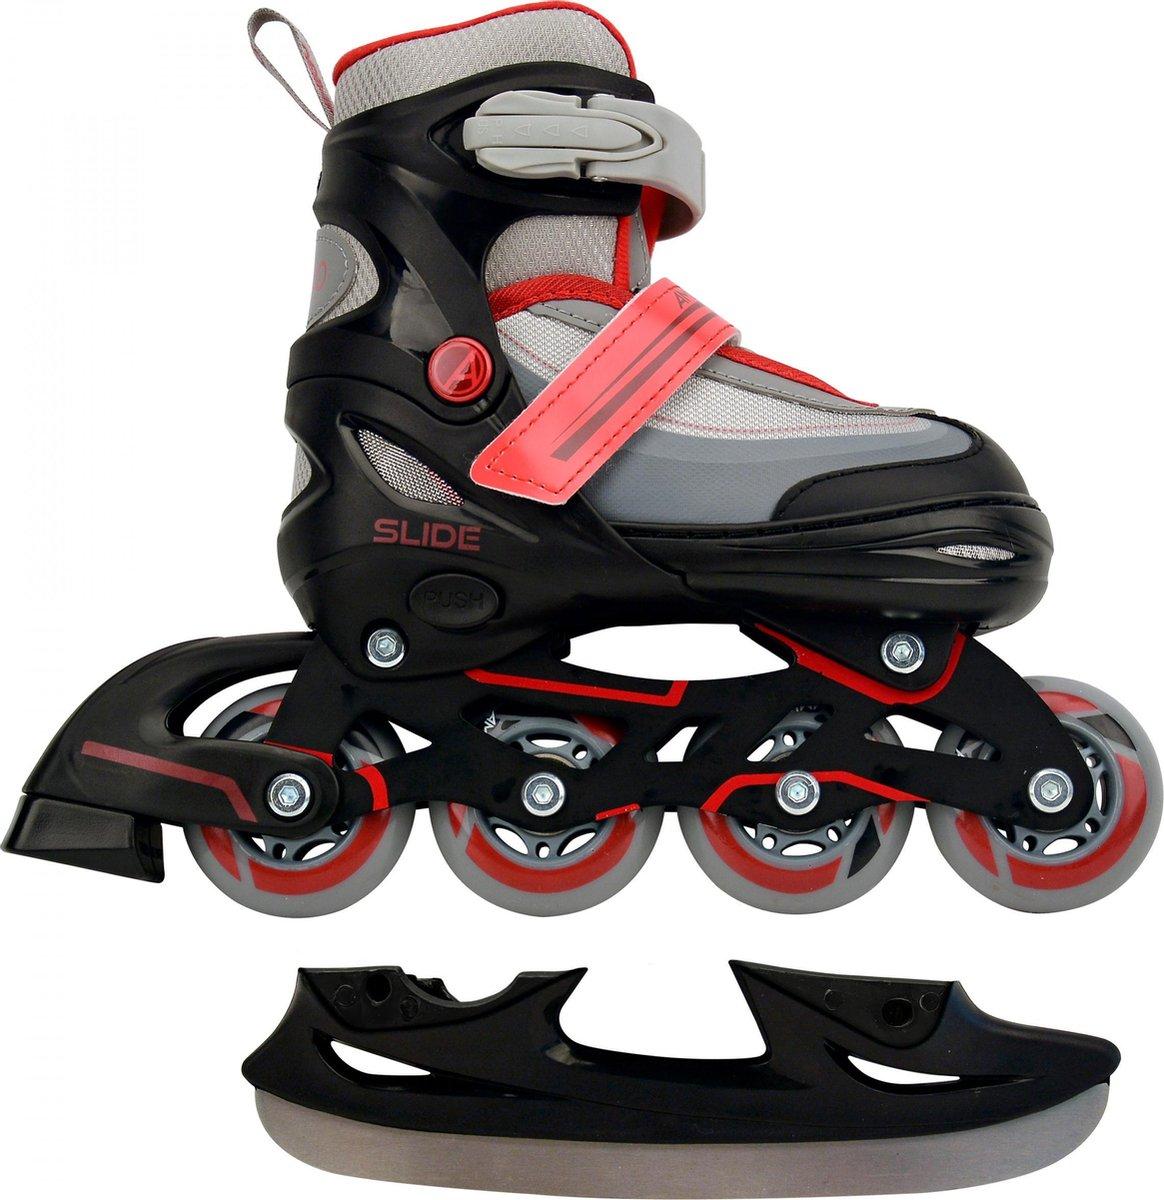 AMIGO Slide 2-in-1 skates - Voor jongens en meisjes - Zwart/Rood - Maat 30-33